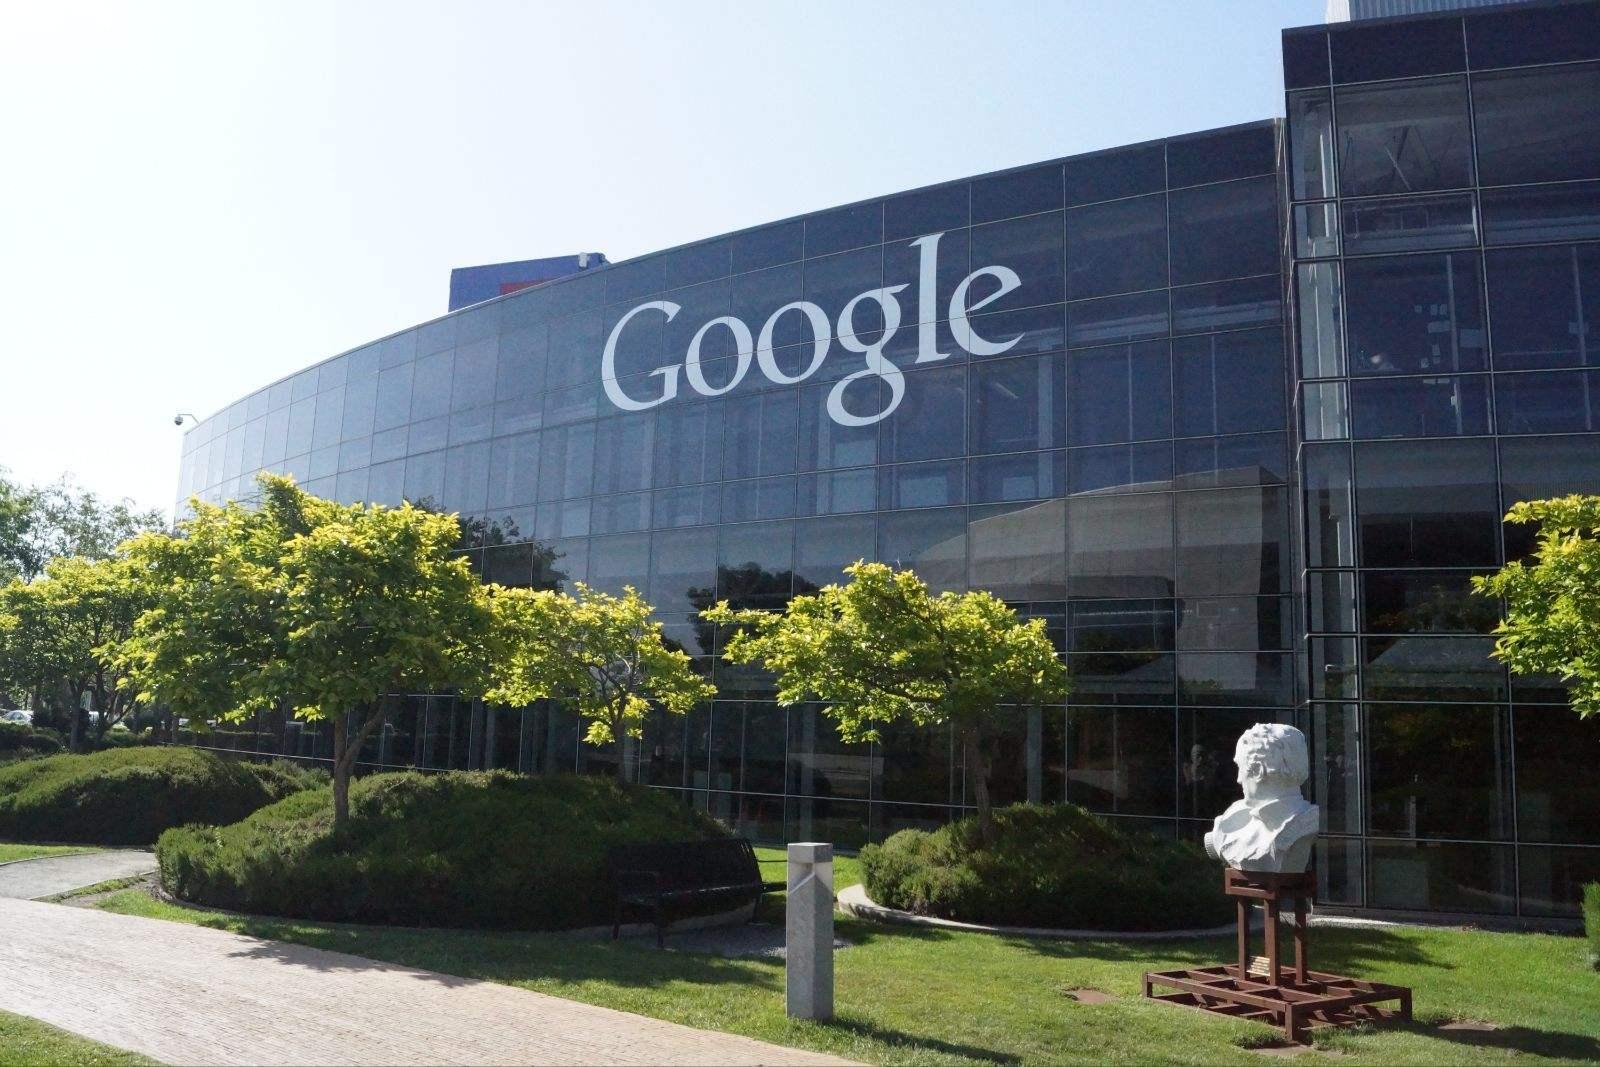 谷歌进行部门改组 搜索与人工智能将分家